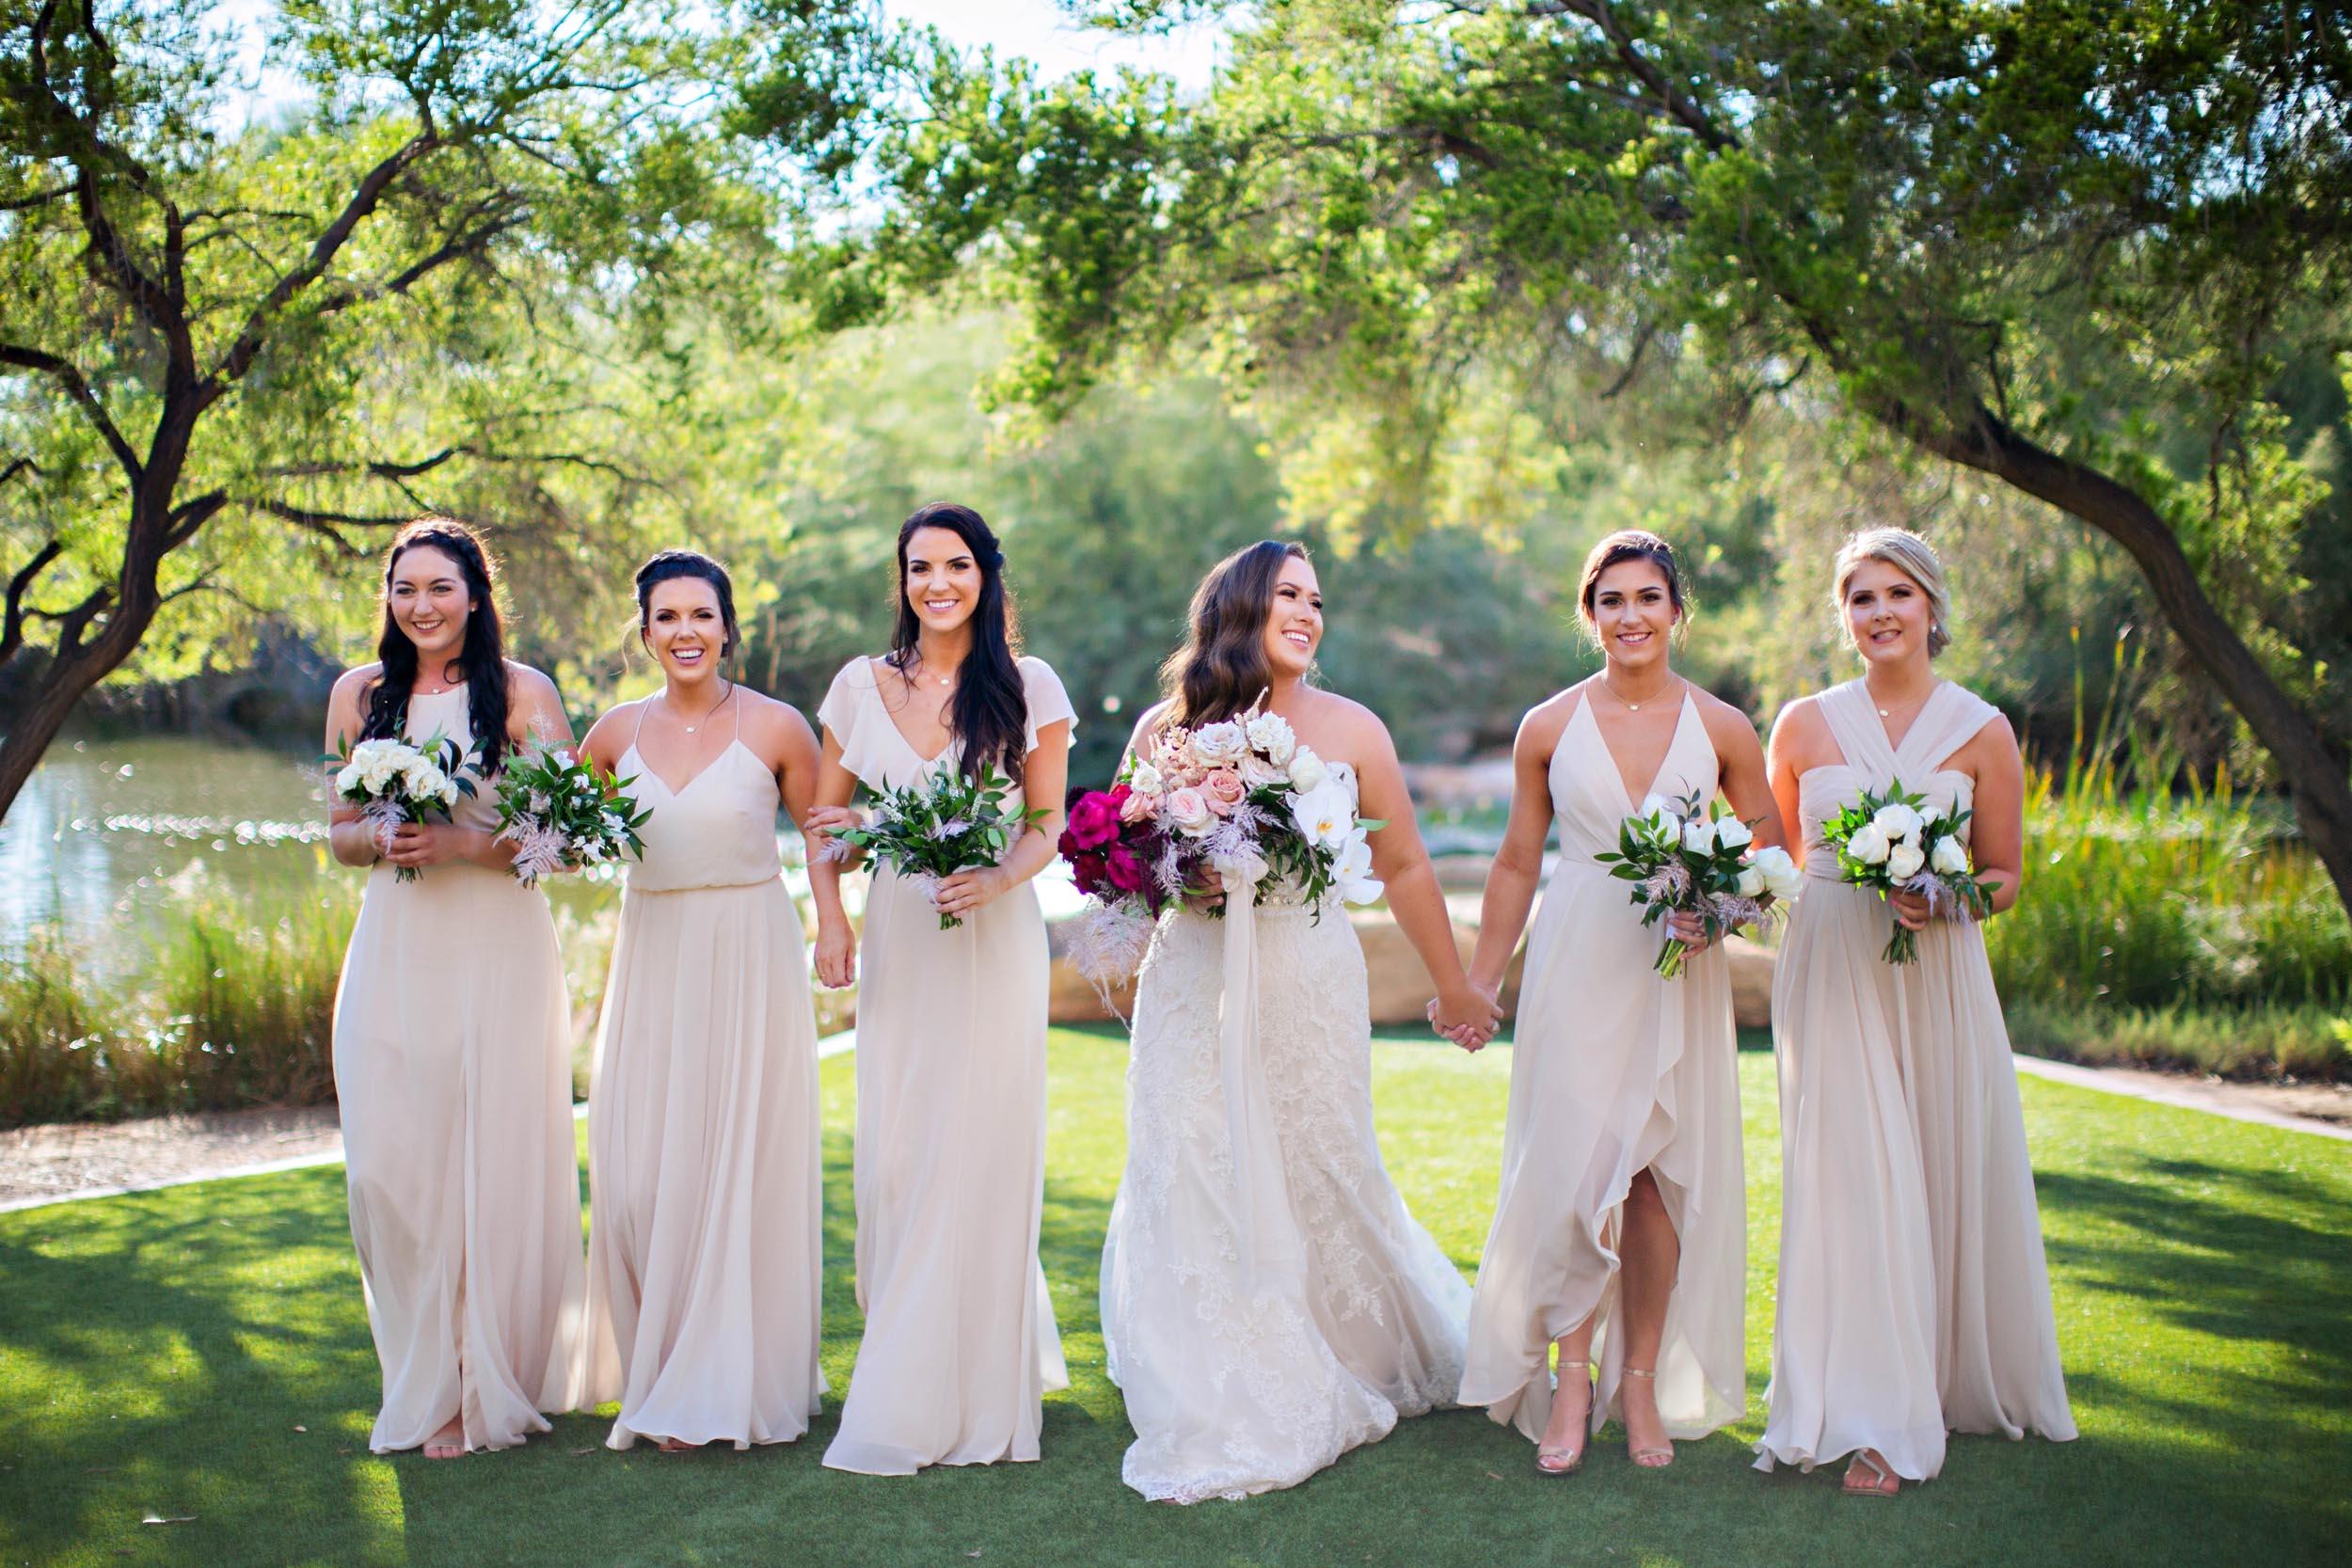 weddings-wildhorse-10.jpg